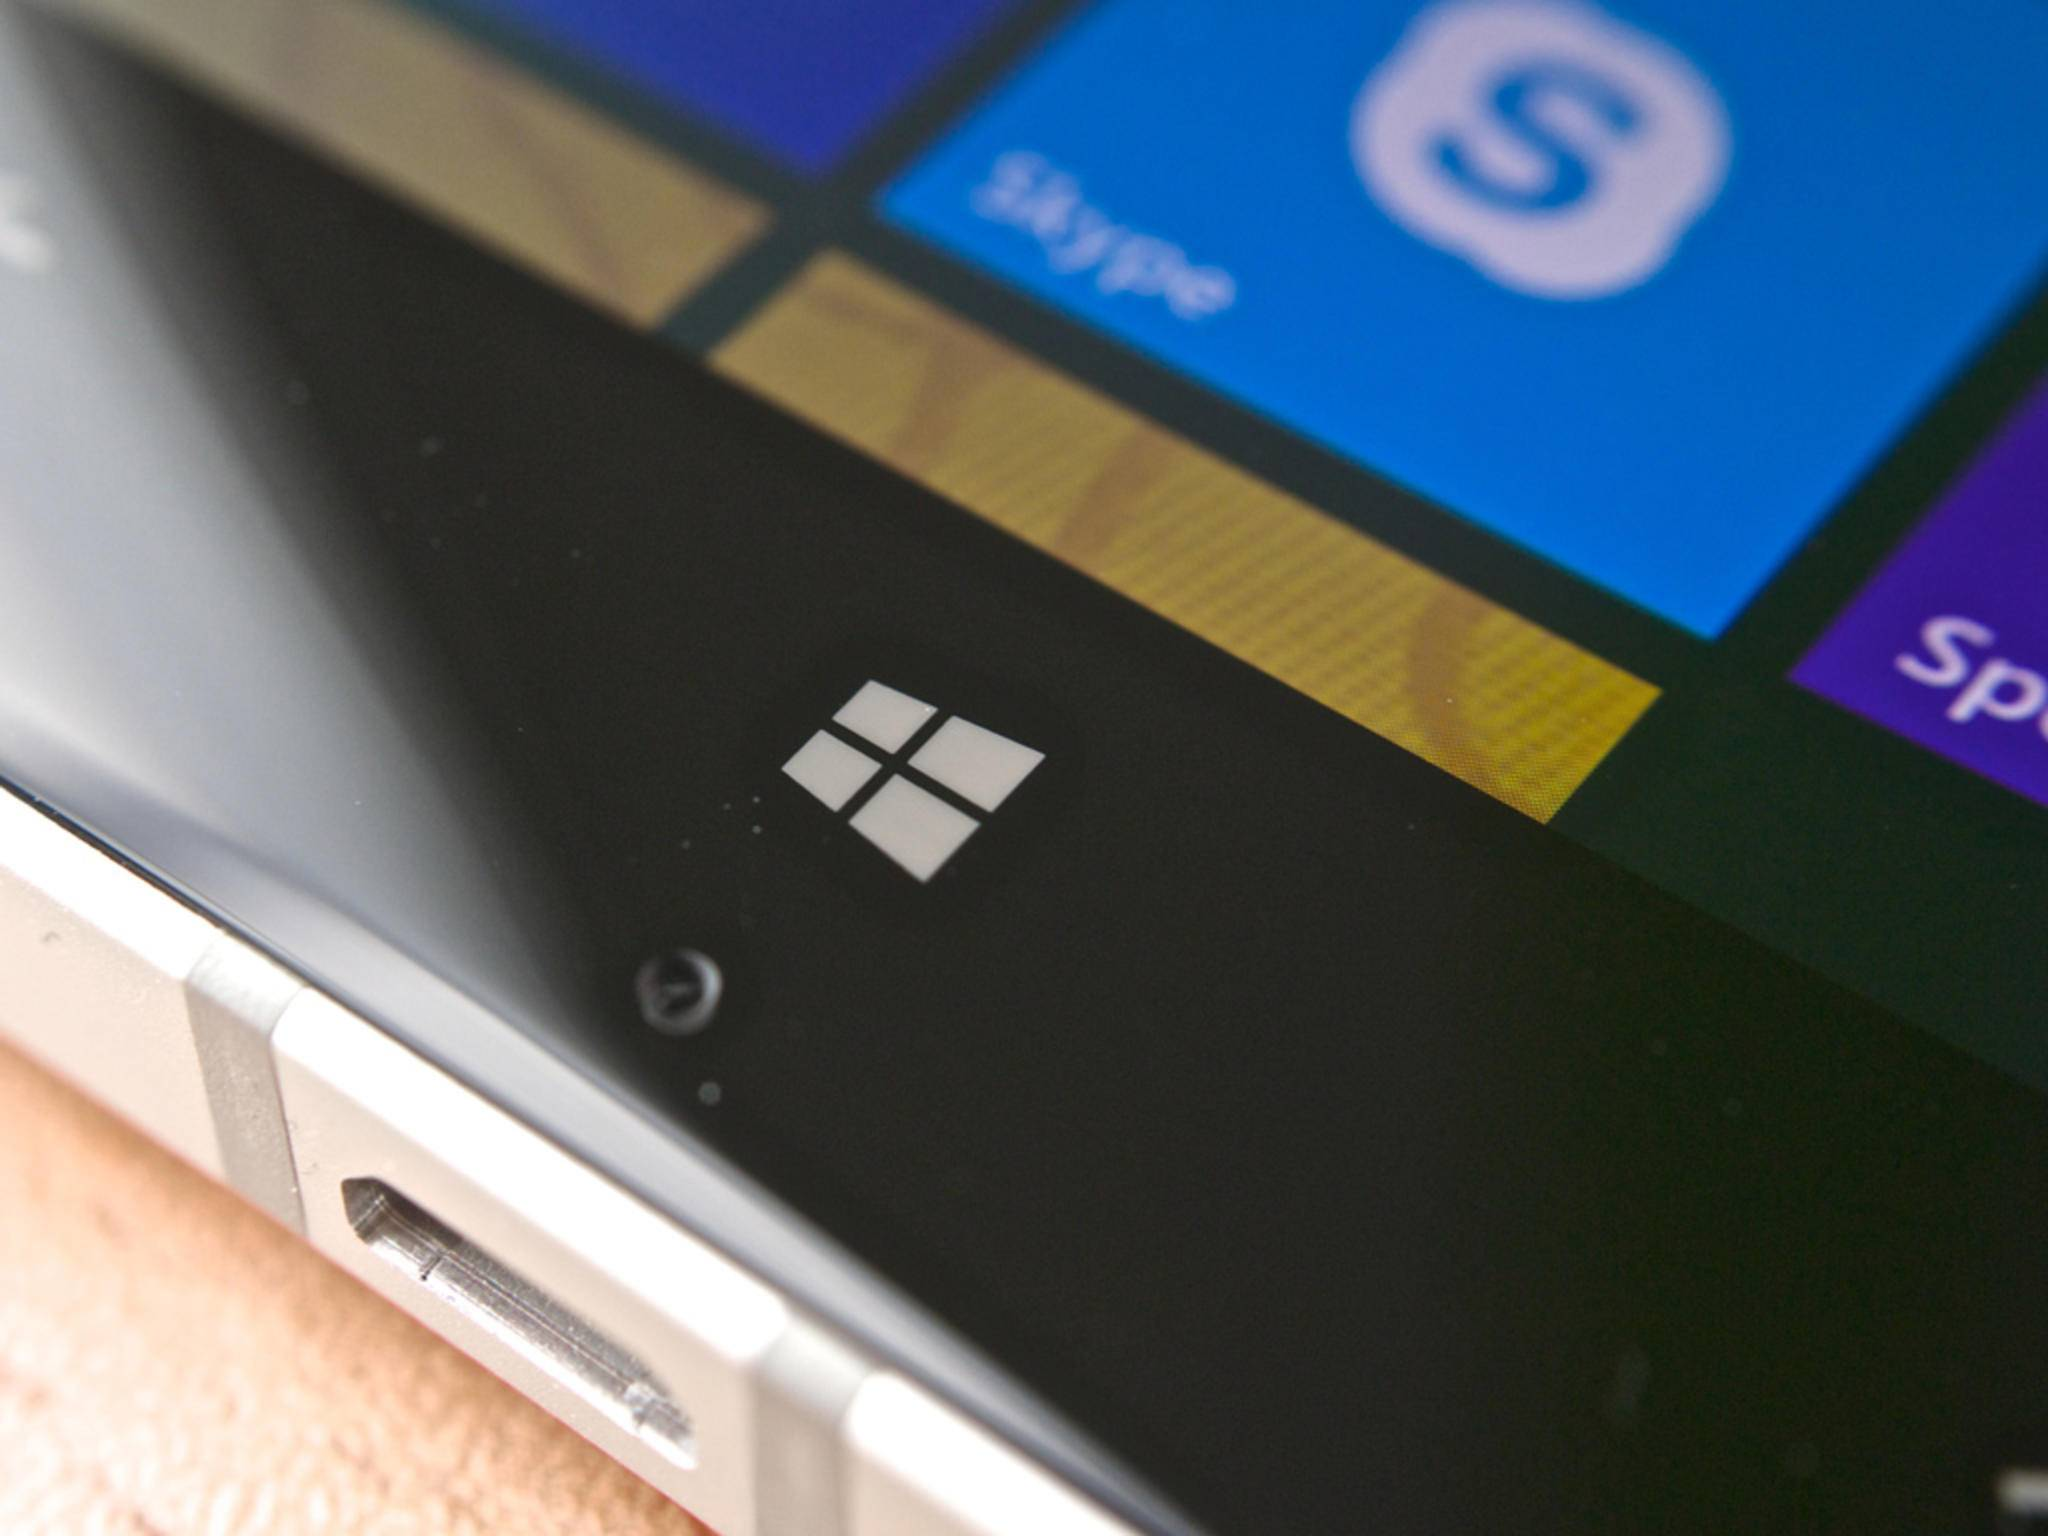 Wird im Oktober von Microsoft auch ein Lumia 550 vorgestellt?